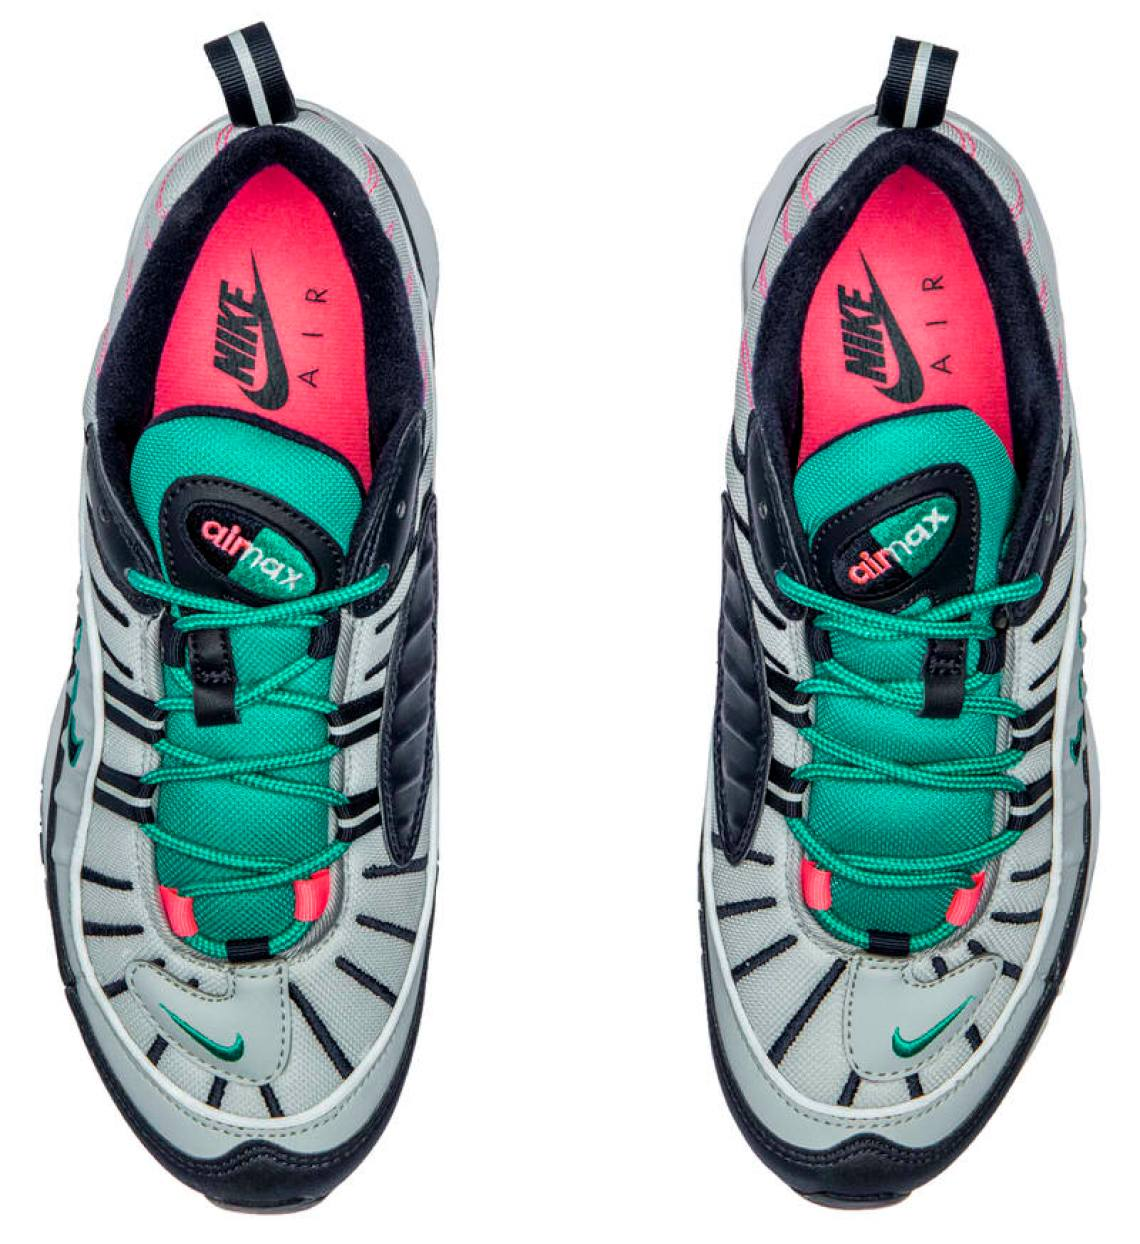 quality design b8a26 d2a3b Nike Air Max 98